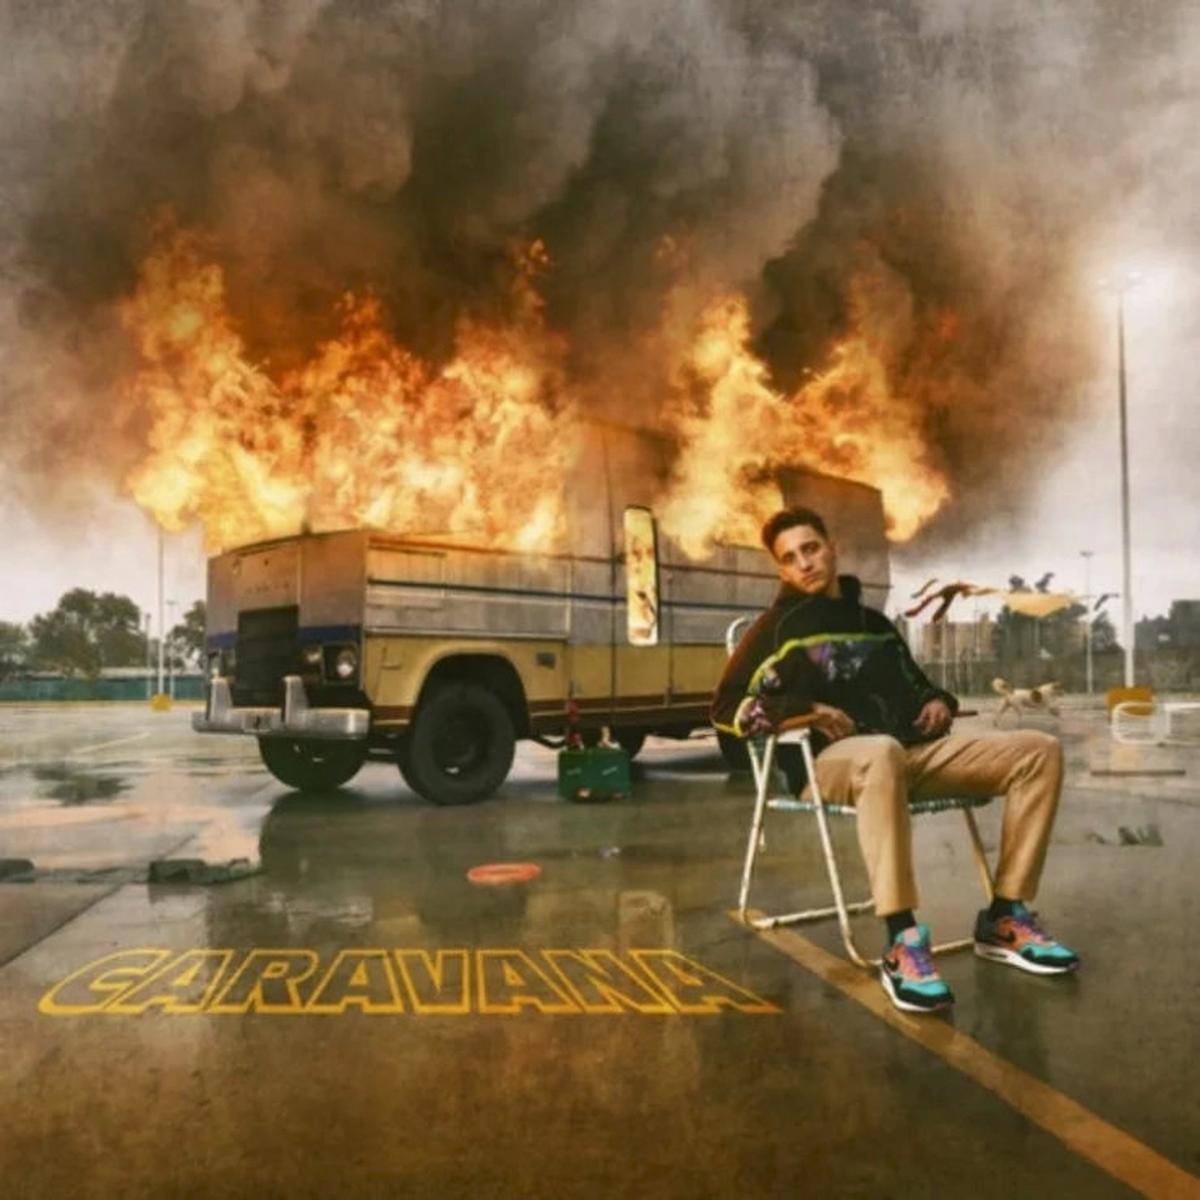 Un motorhome en llamas, la foto que vincula a Wos con la China Suárez